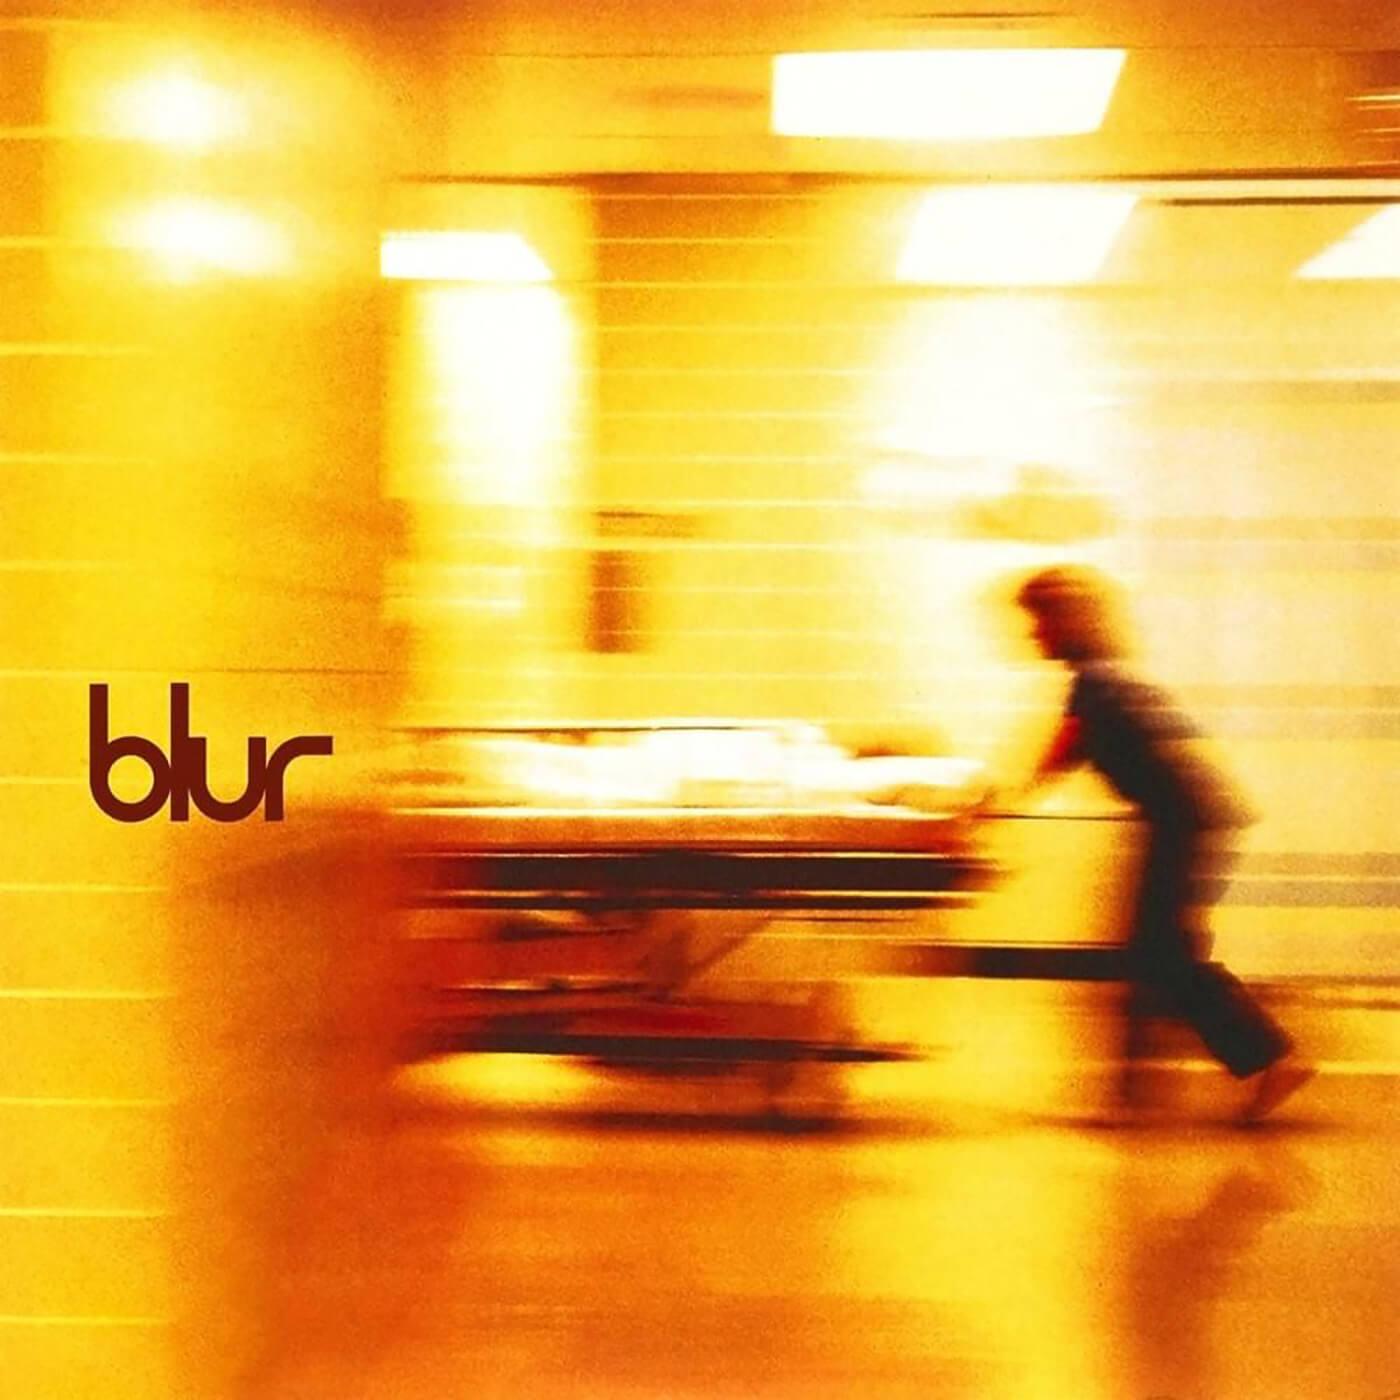 Blur -Blur